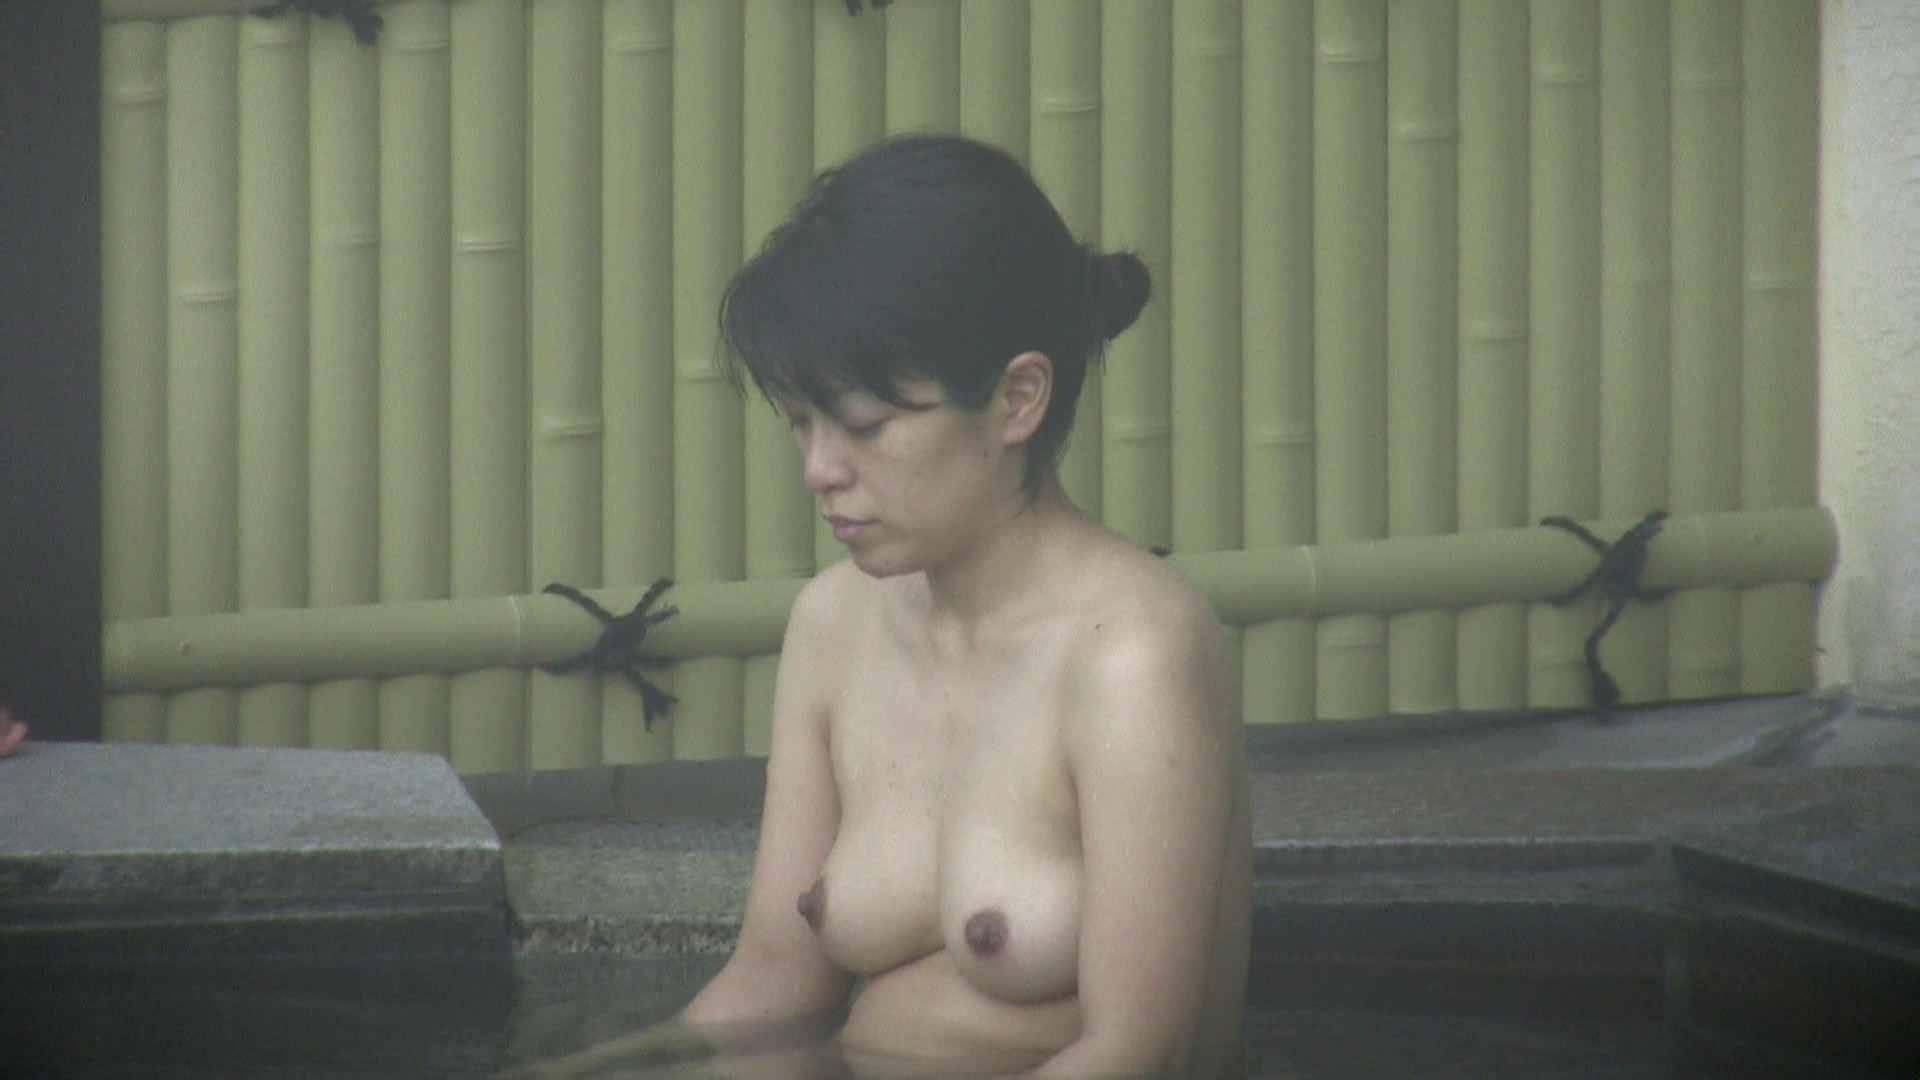 Aquaな露天風呂Vol.585 盗撮  78PICs 42